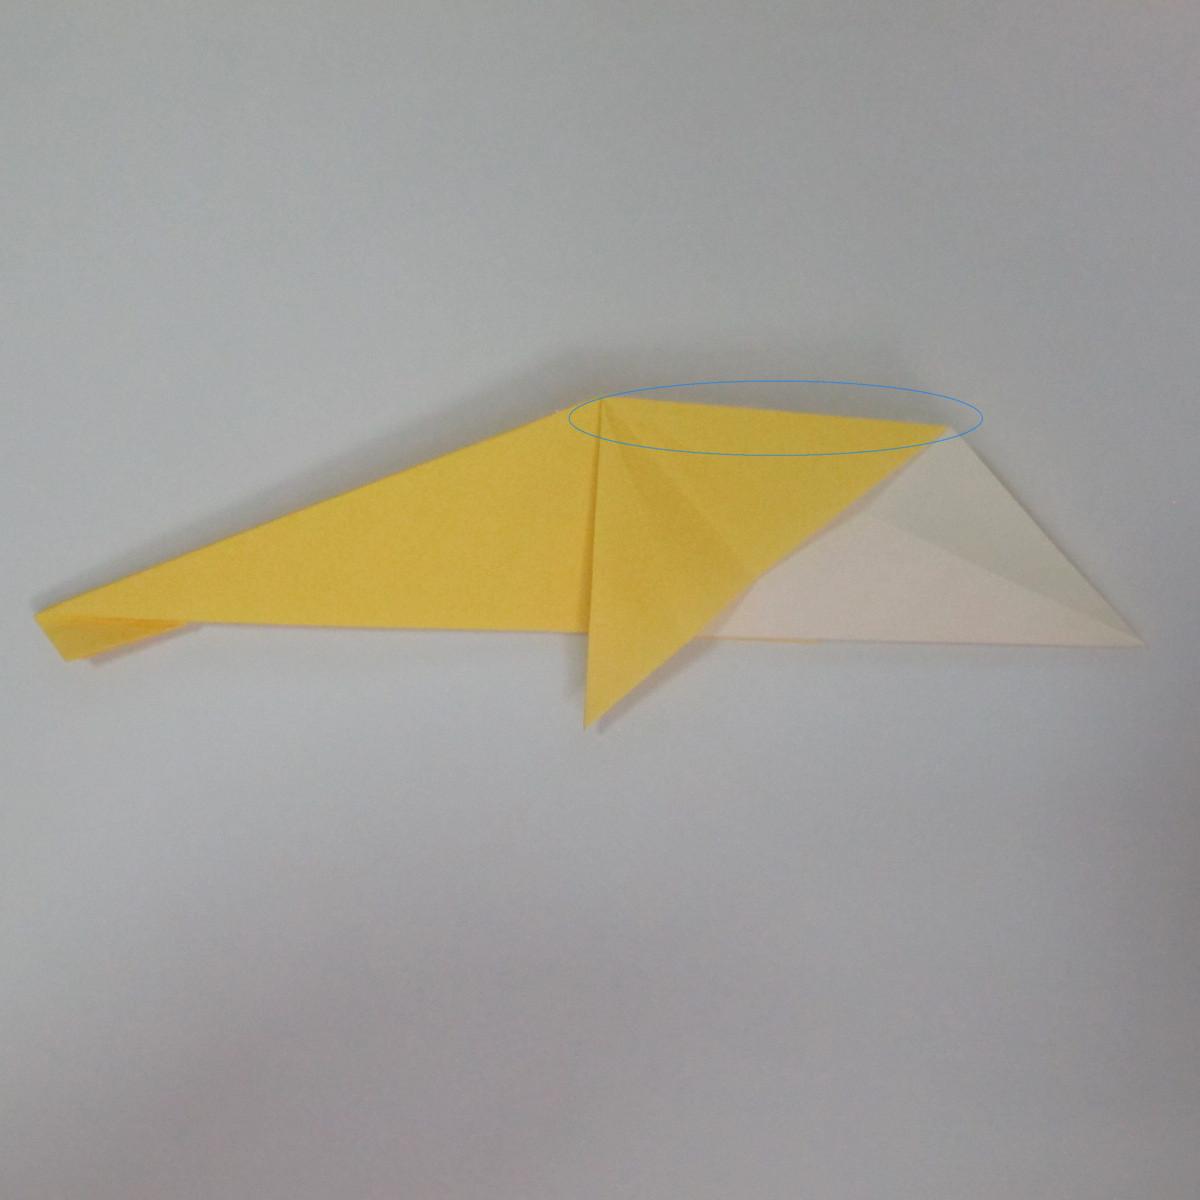 สอนวิธีพับกระดาษเป็นรูปลูกสุนัขยืนสองขา แบบของพอล ฟราสโก้ (Down Boy Dog Origami) 044